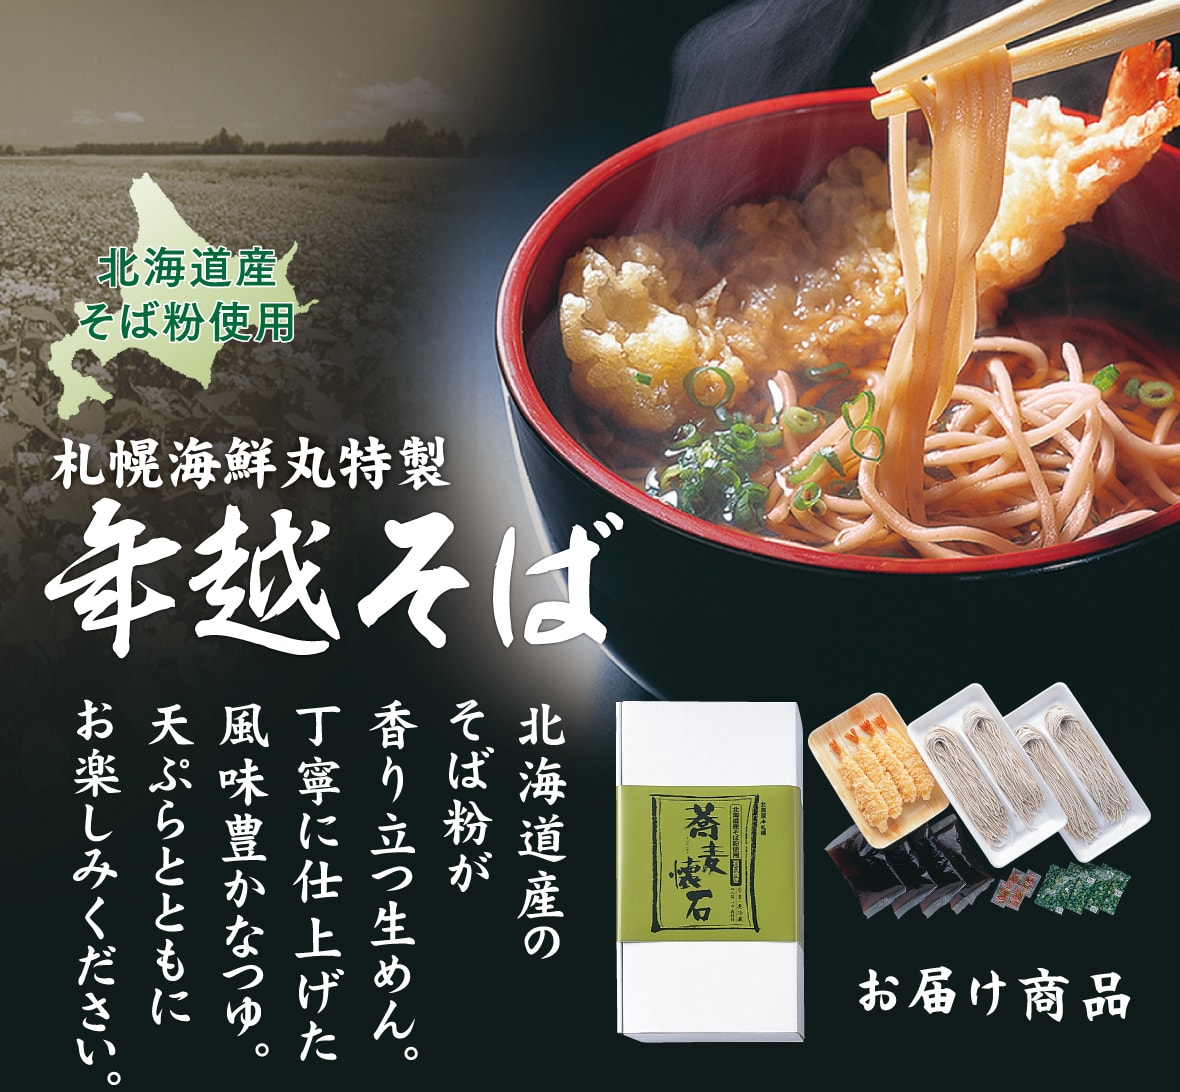 札幌海鮮丸特製「年越そばセット」商品イメージ・セット内容イメージ写真